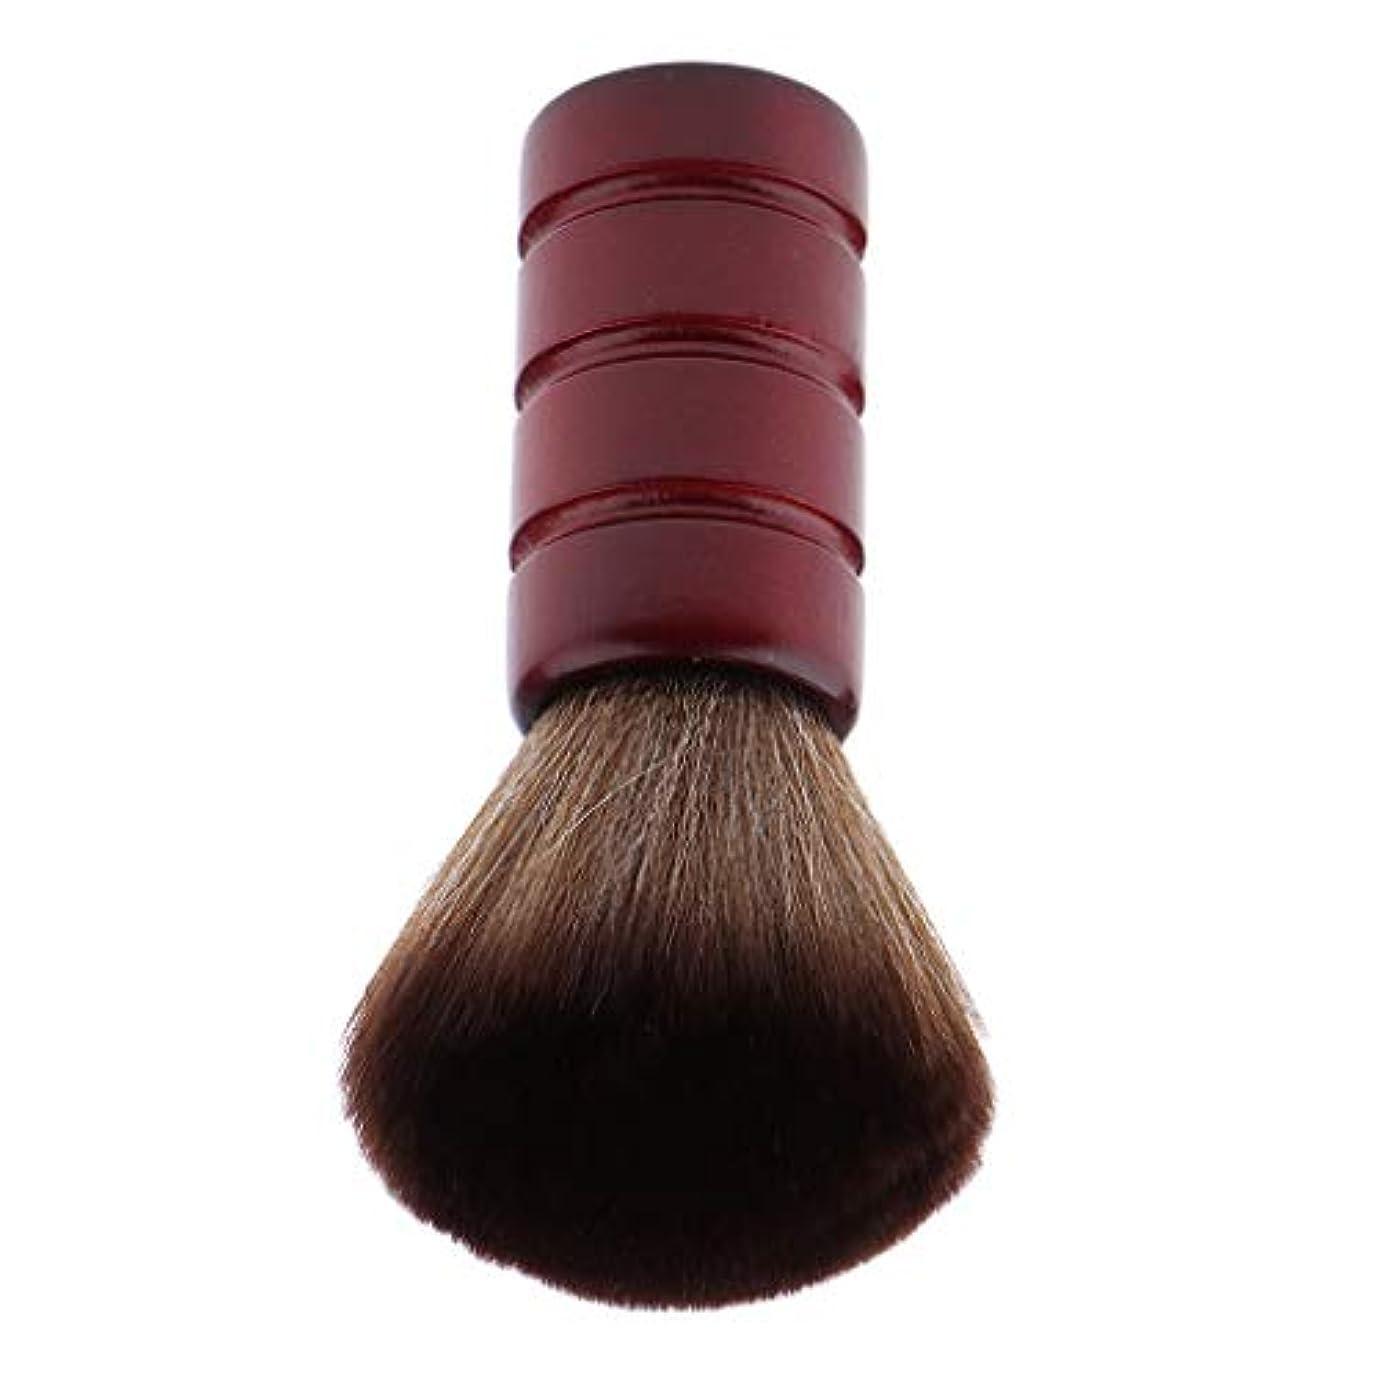 格差手荷物ぬいぐるみバーバー ネックダスターブラシ 理髪 サロン 顔のダスターブラシ シェービング ヘアカット ブラシ